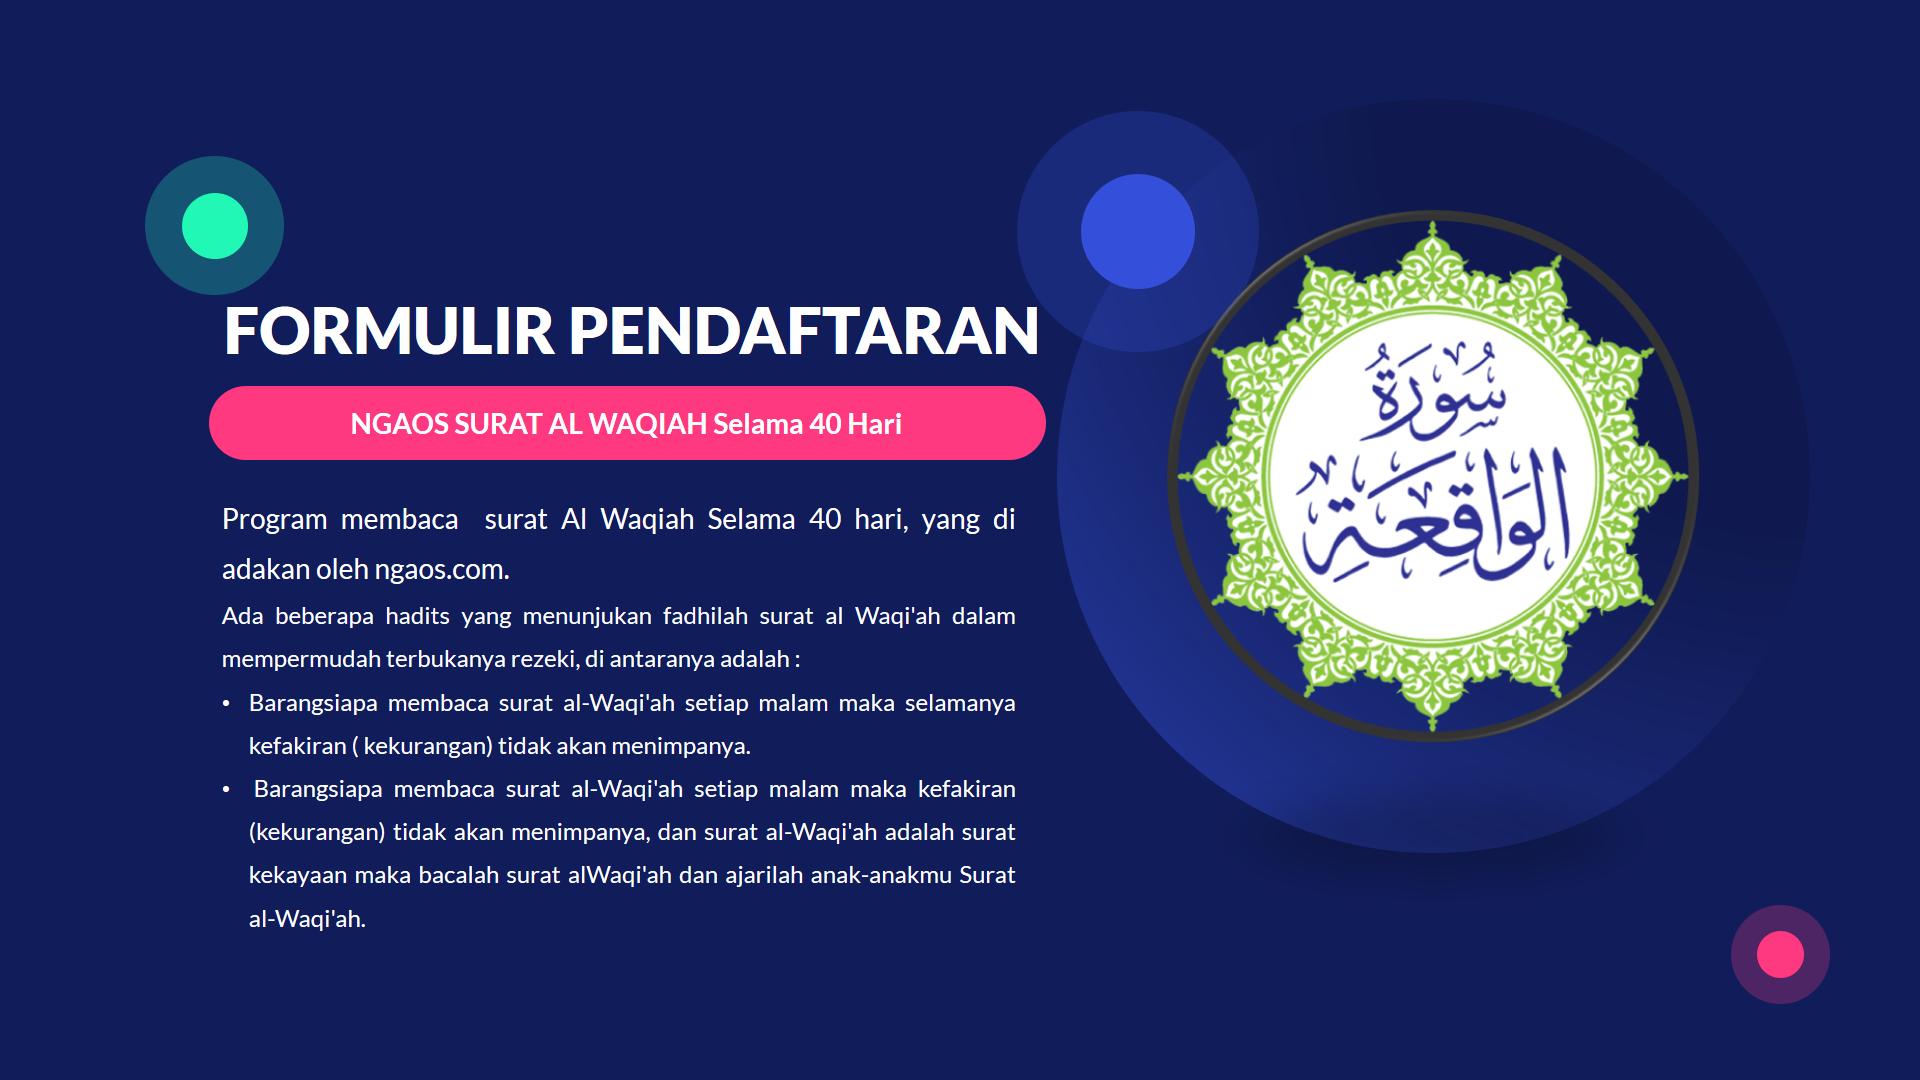 Program Membaca Surat Al Waqiah 40 Hari